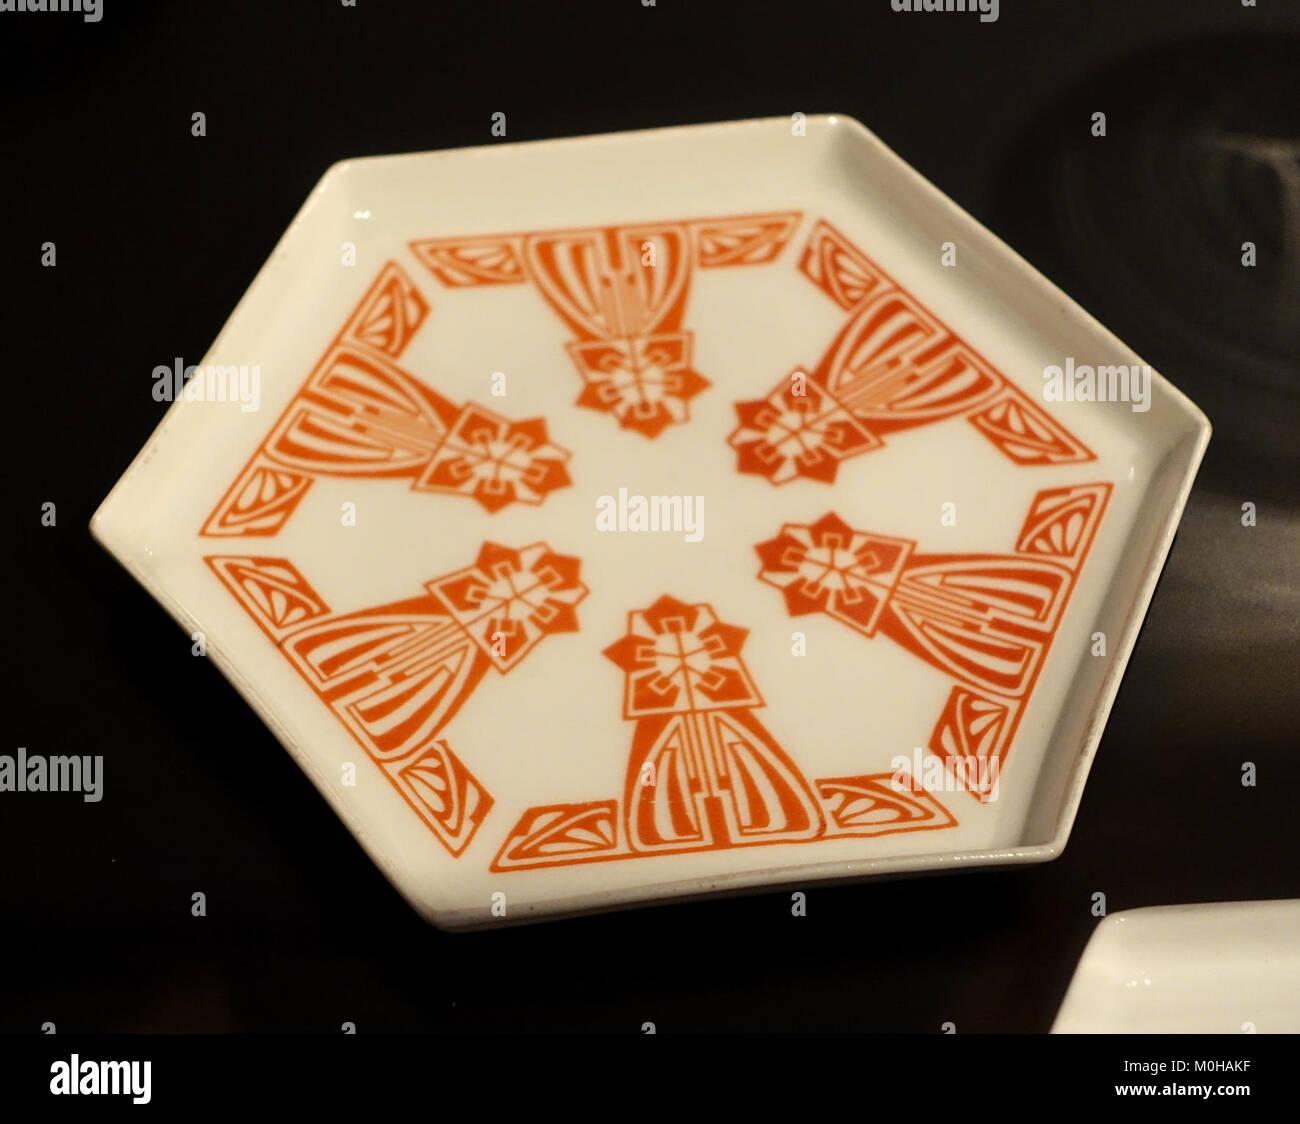 Kuchen Platte, die Porzellanfabrik Gebrüder Bauscher, Weiden, 1902, Porzellan - sogenannten Bröhan-Sammlung Stockbild